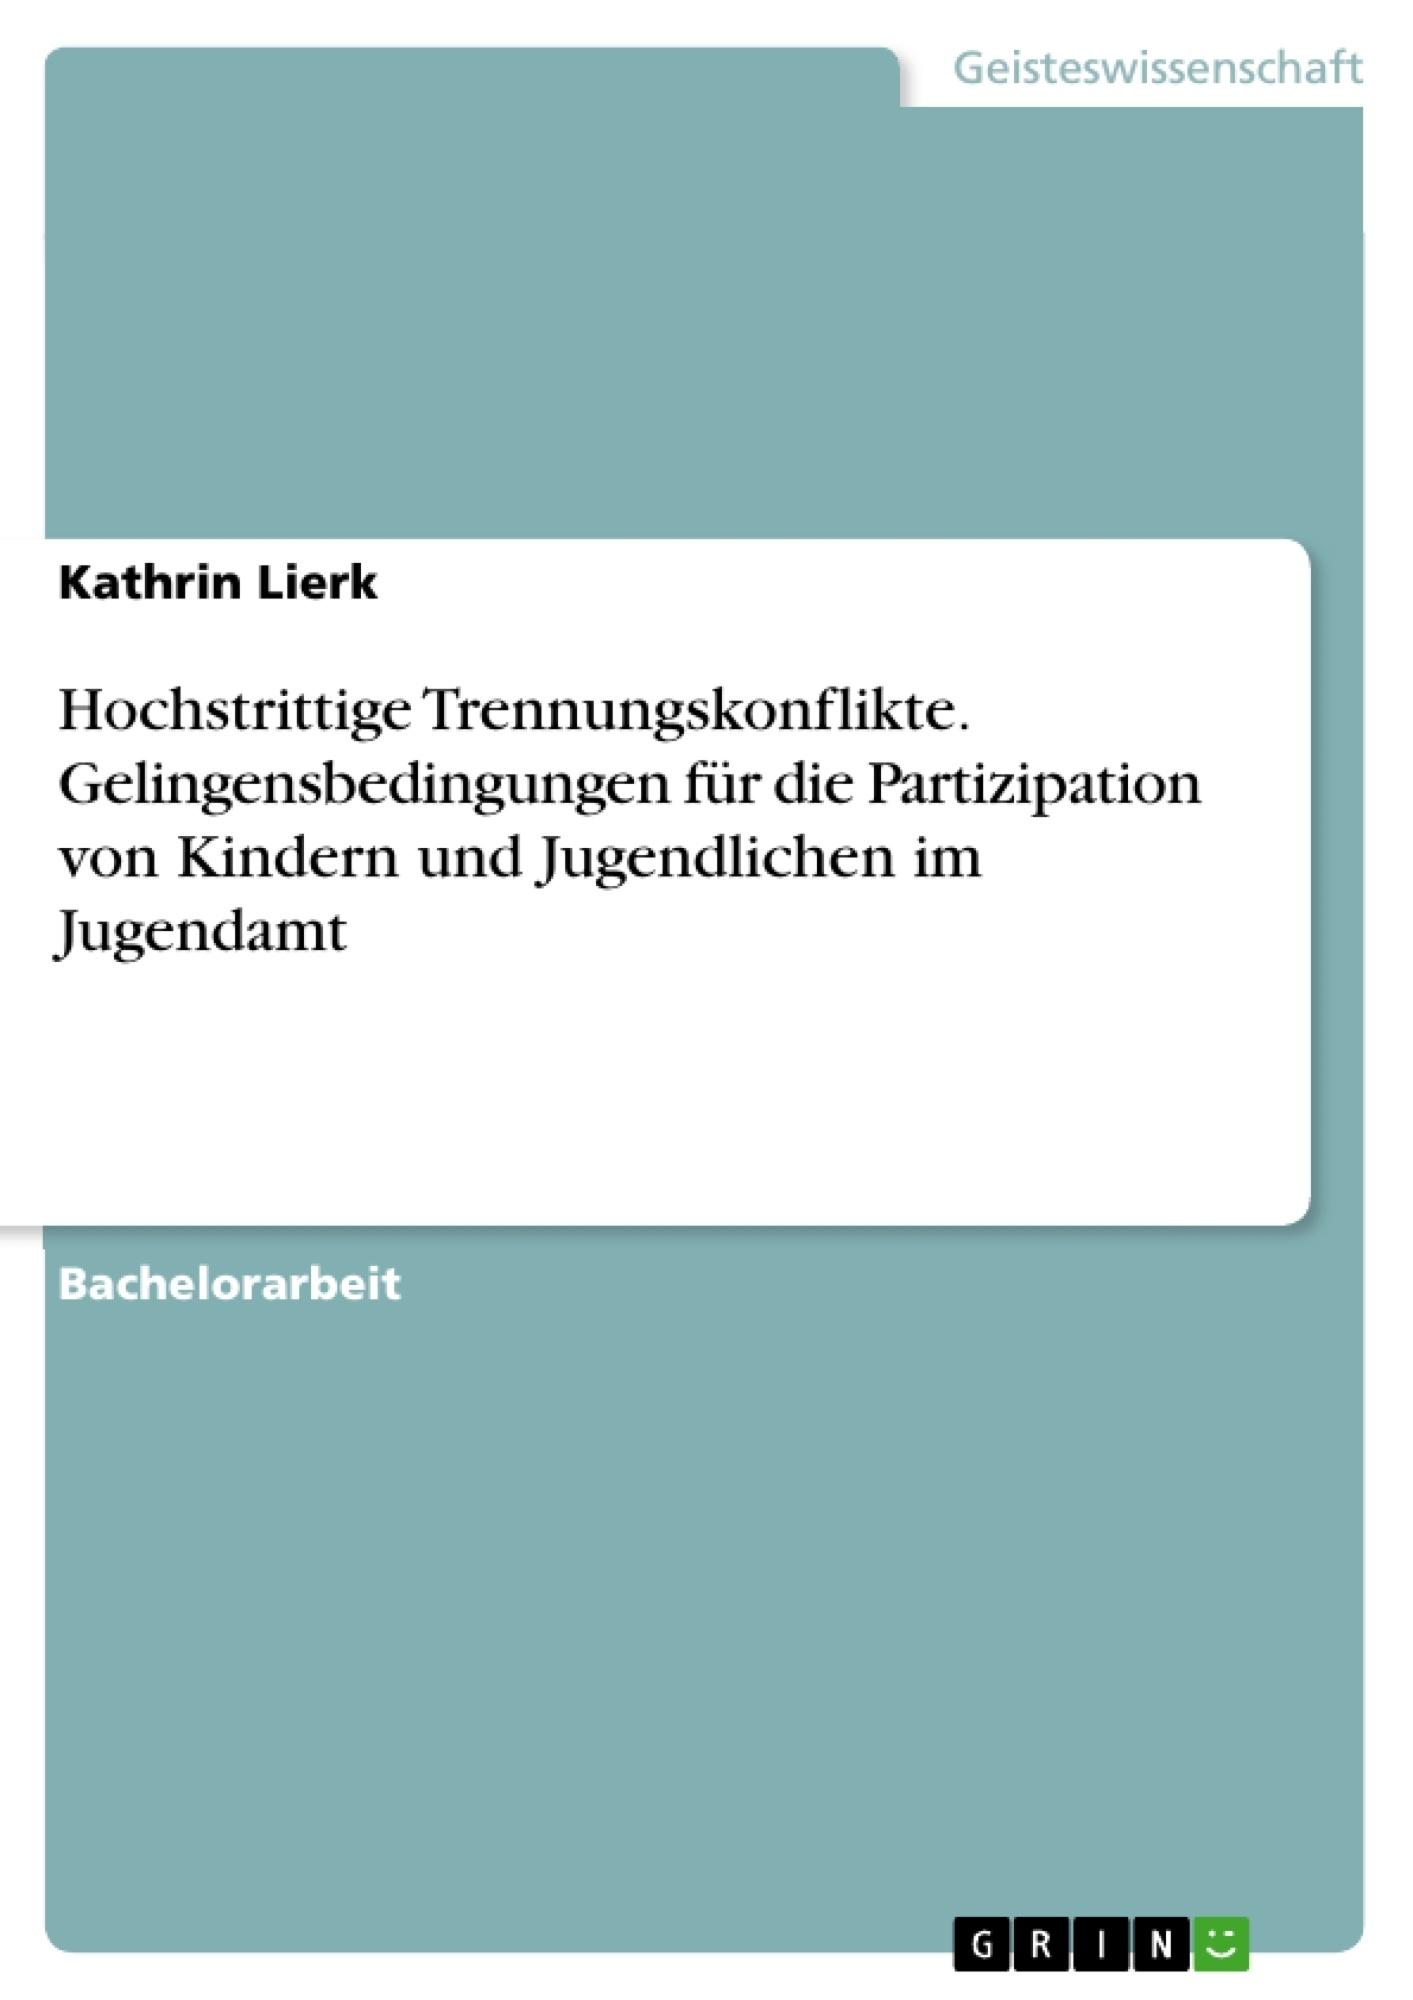 Titel: Hochstrittige Trennungskonflikte. Gelingensbedingungen für die Partizipation von Kindern und Jugendlichen im Jugendamt